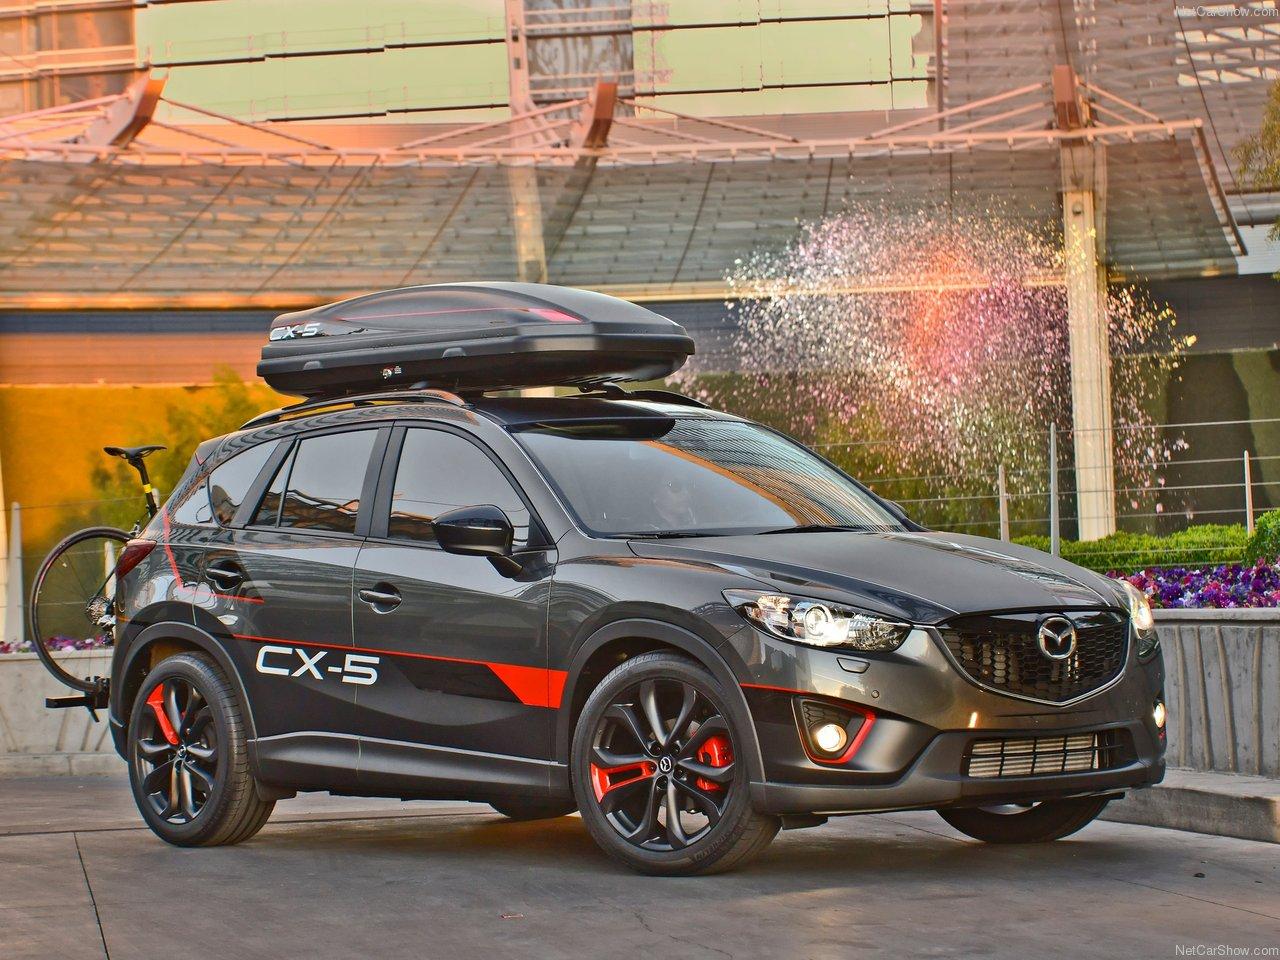 2012 Mazda CX-5 Dempsey Concept